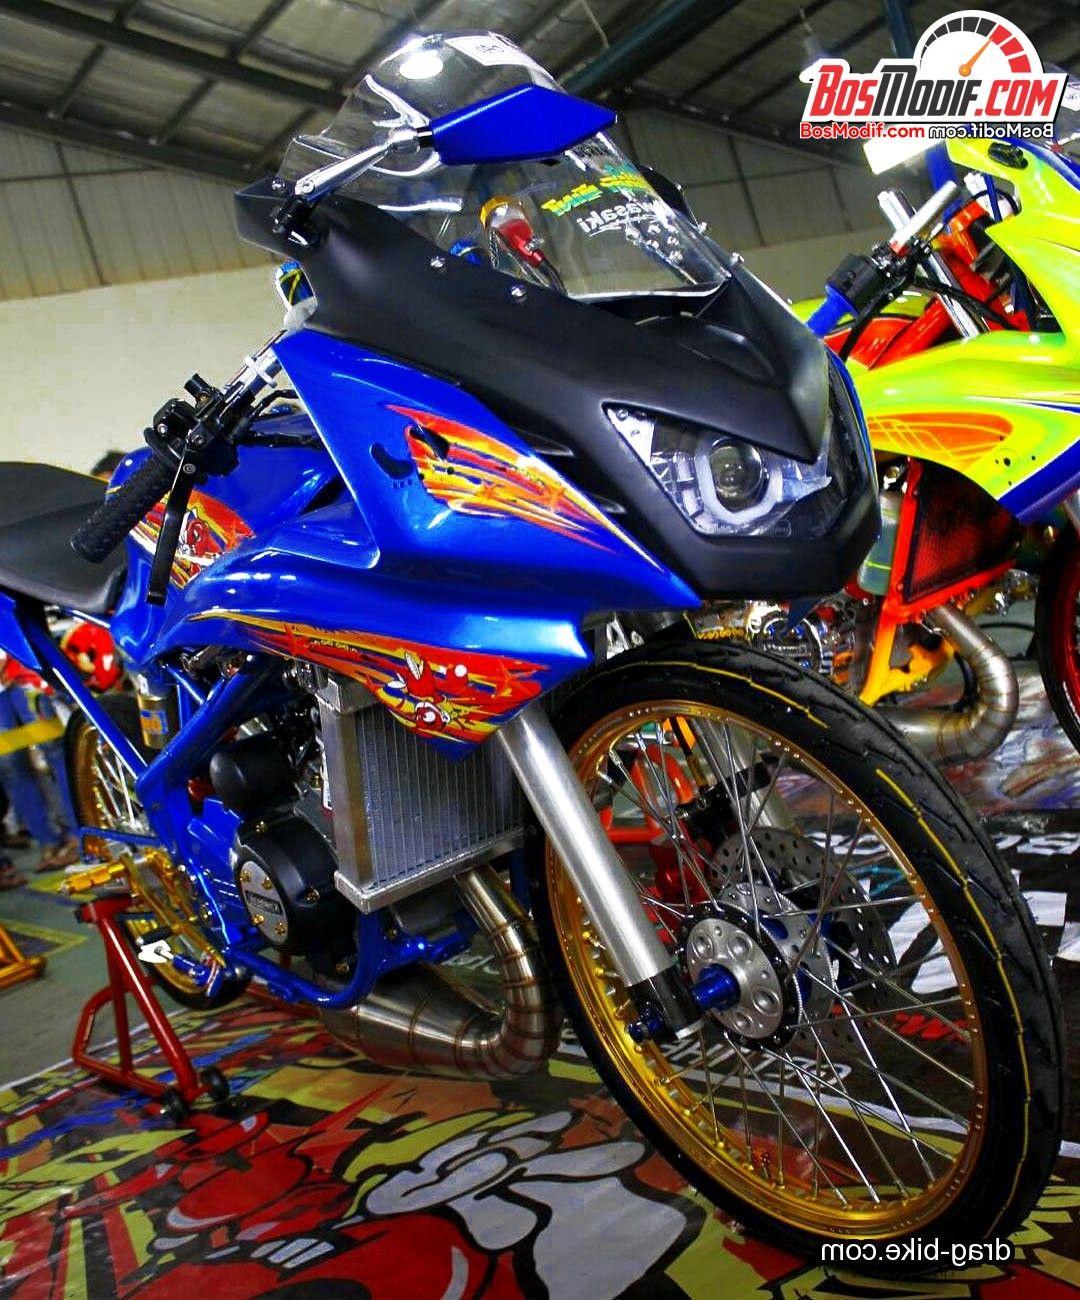 99 Gambar Motor Ninja 4 Tak Jari Terlengkap Obeng 55 Modif